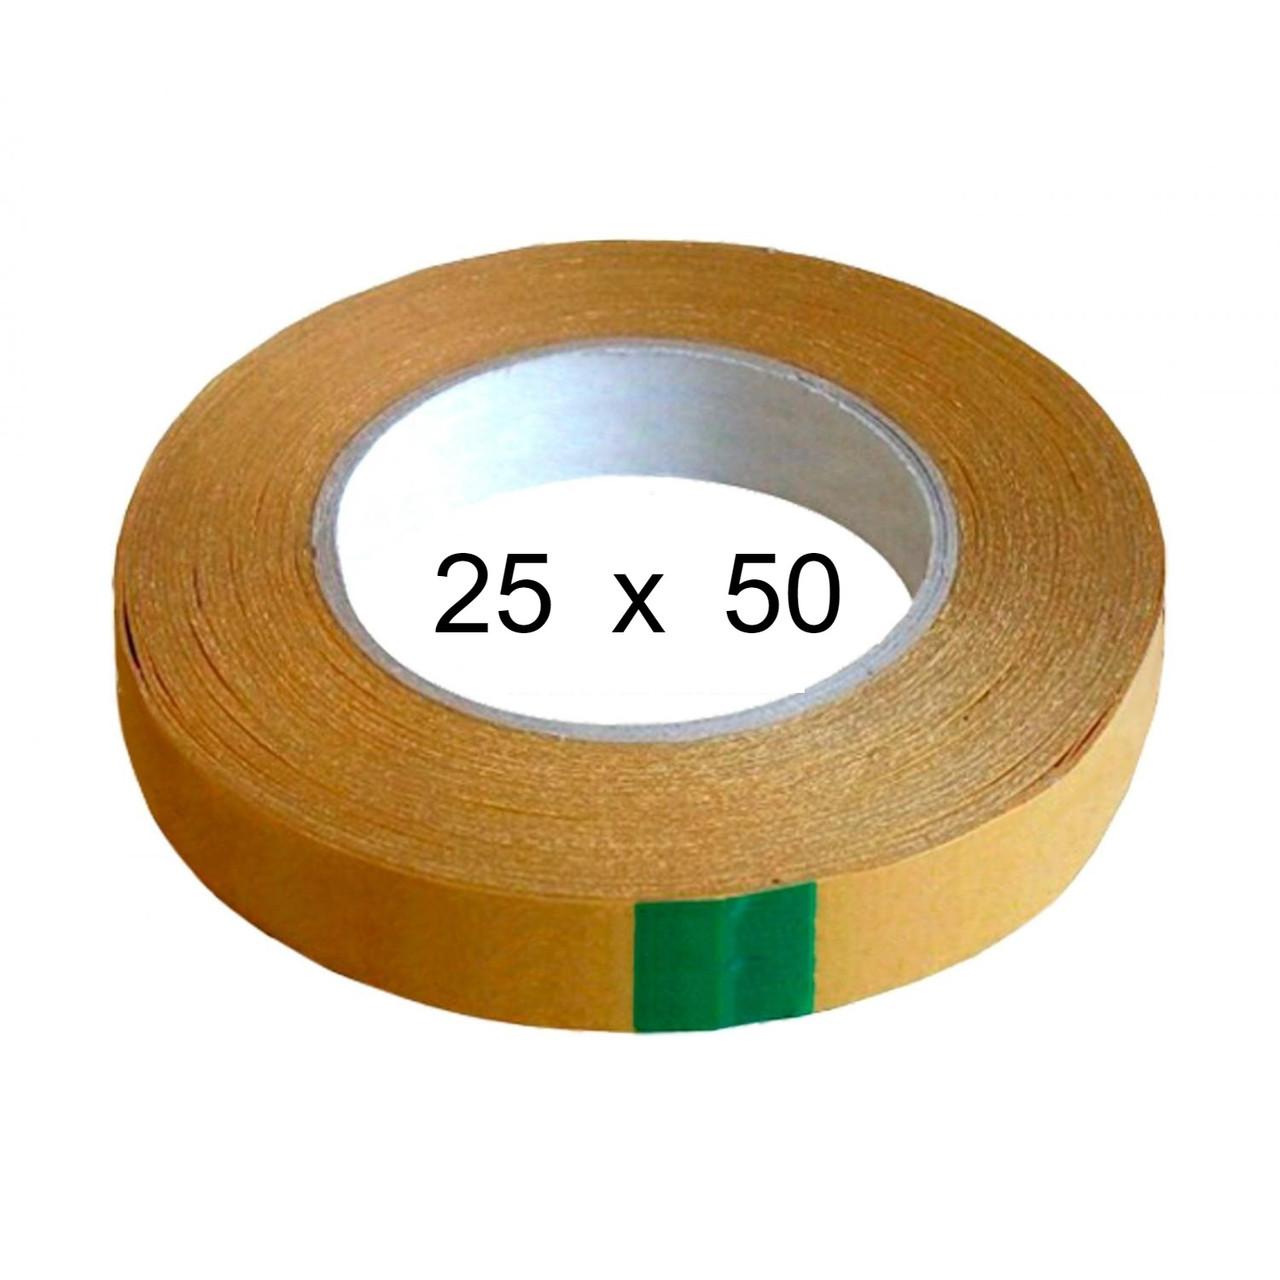 Двухсторонний скотч BOMA 4140 - 25 мм × 50 м (прозрачный)